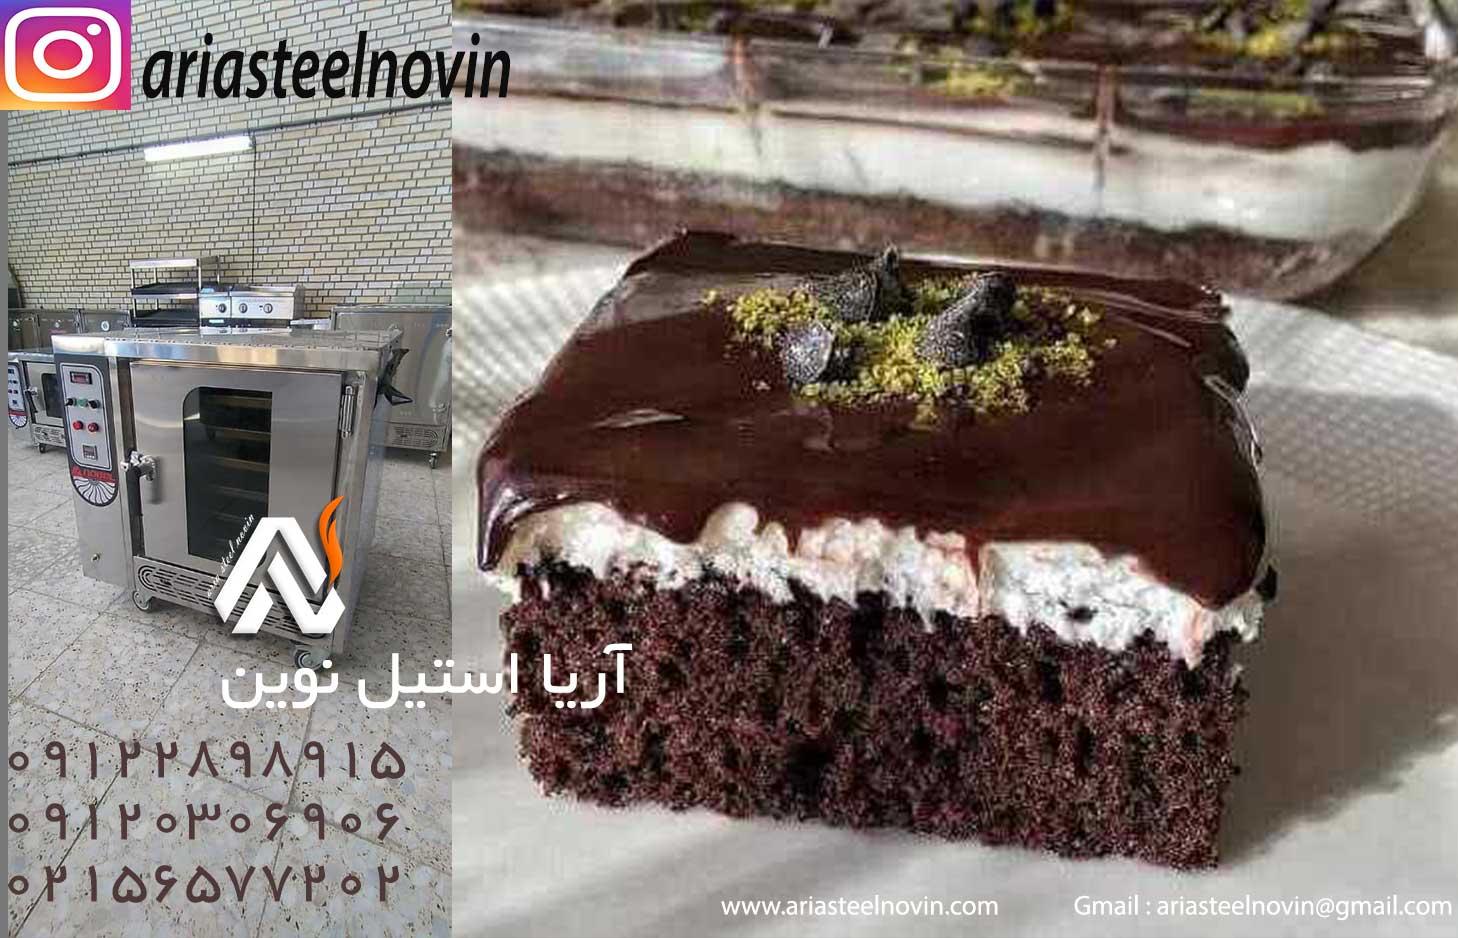 پخت کیک با فر شیرینی پزی